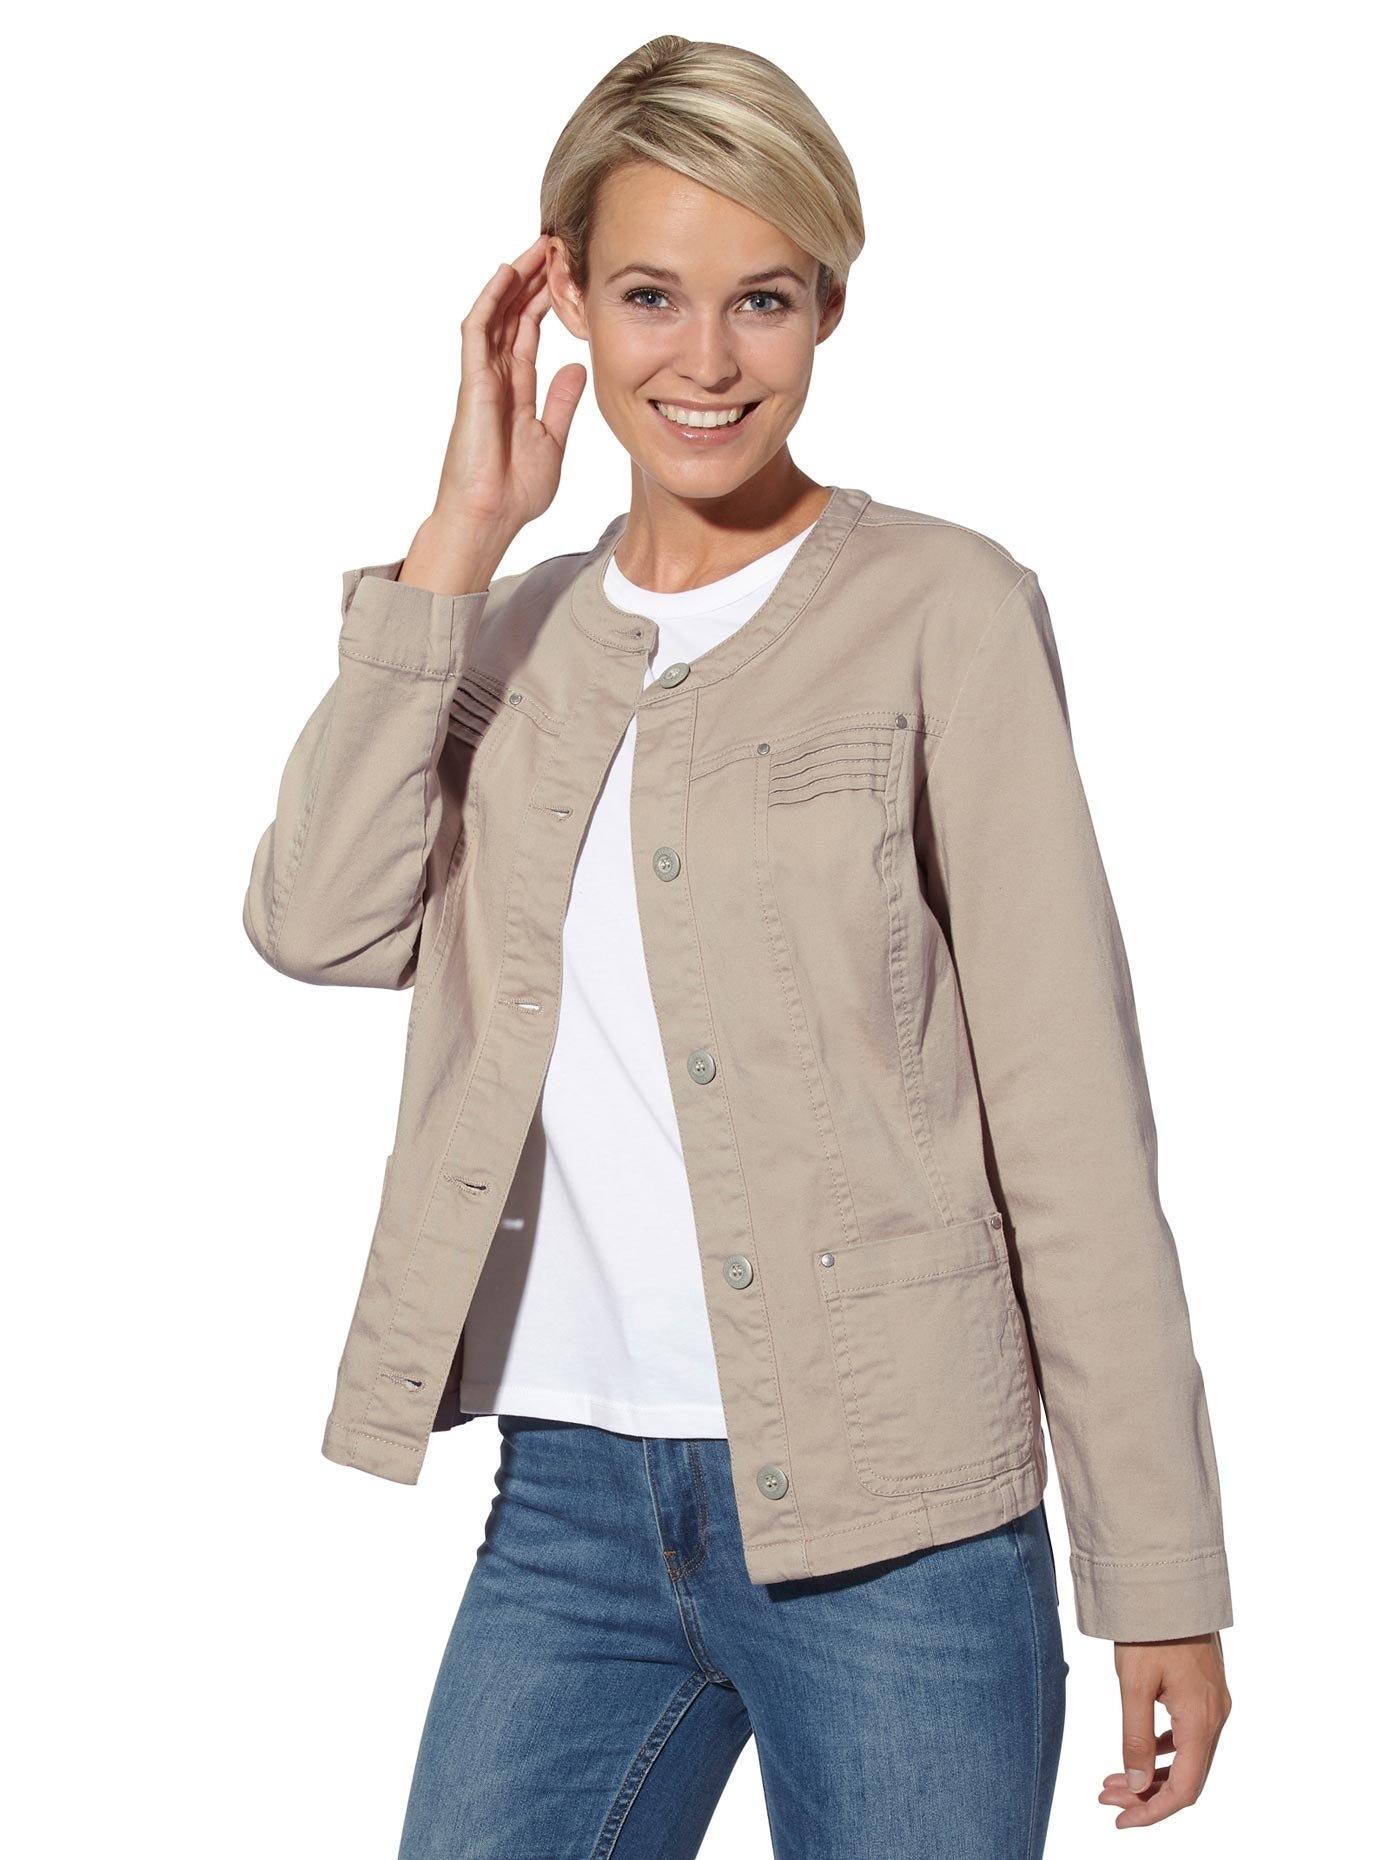 Casual Looks jasje goedkoop op otto.nl kopen